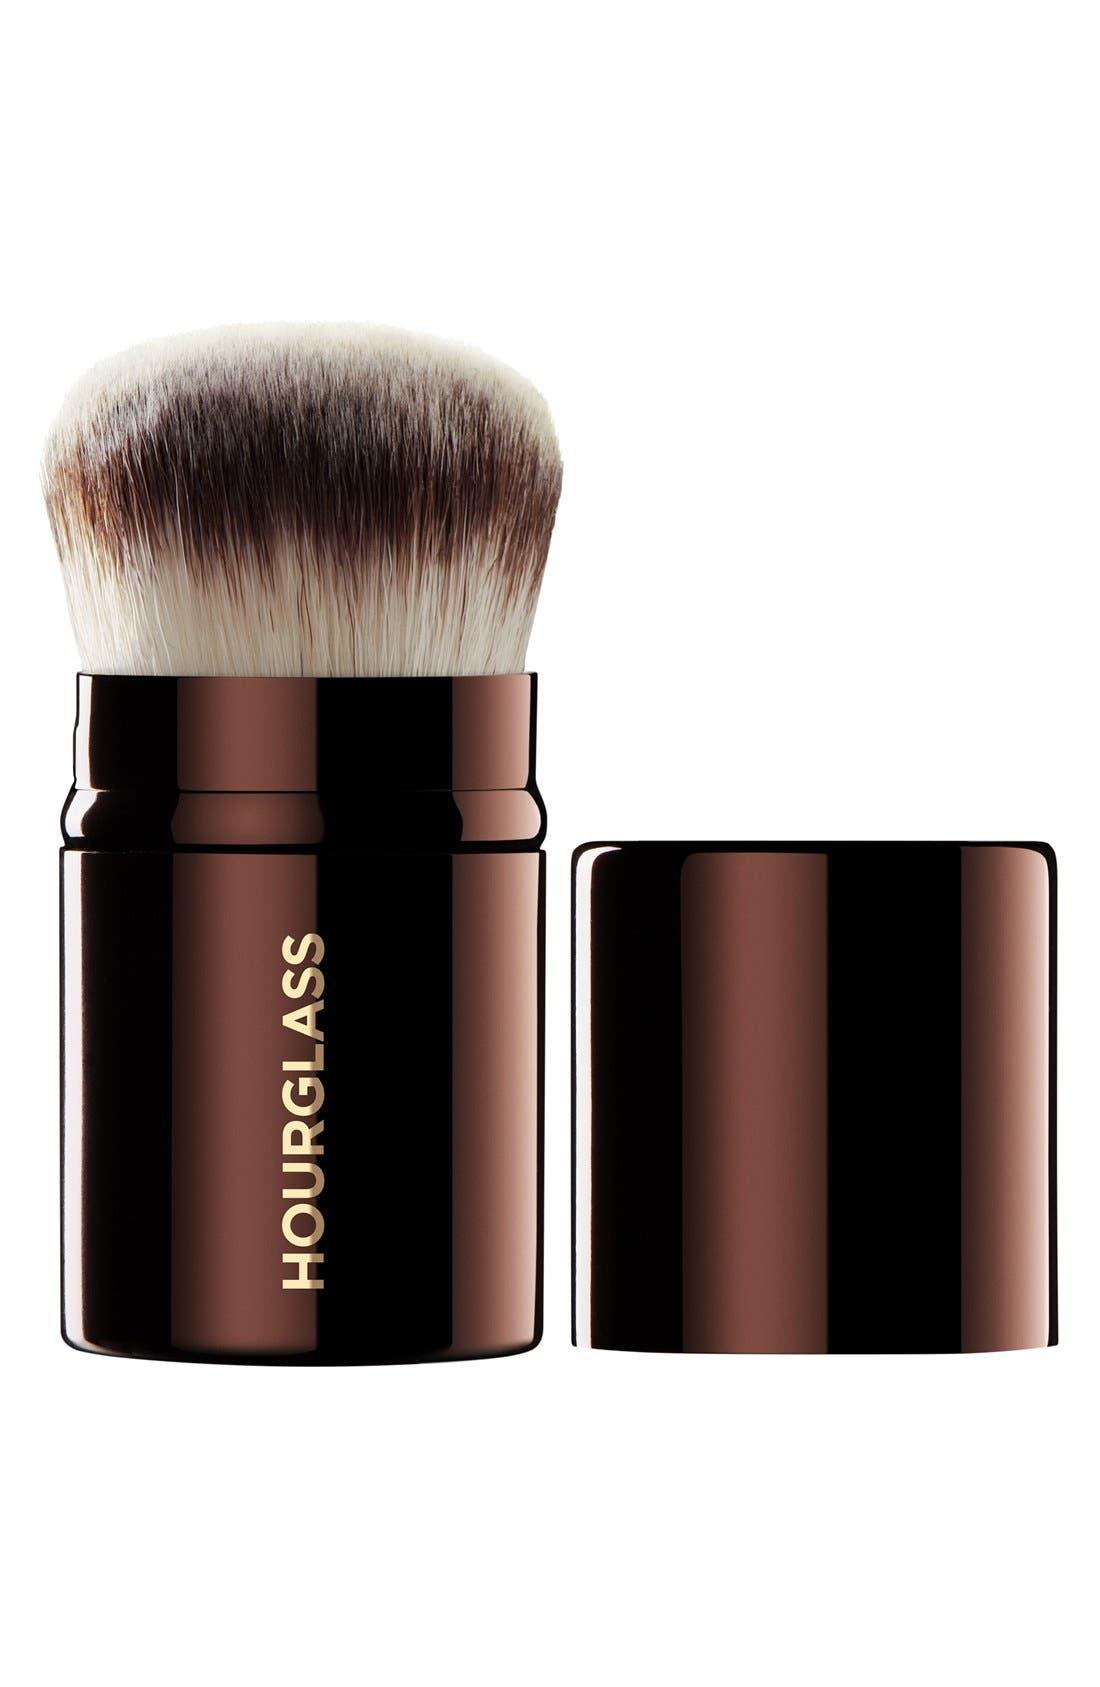 HOURGLASS Retractable Kabuki Brush